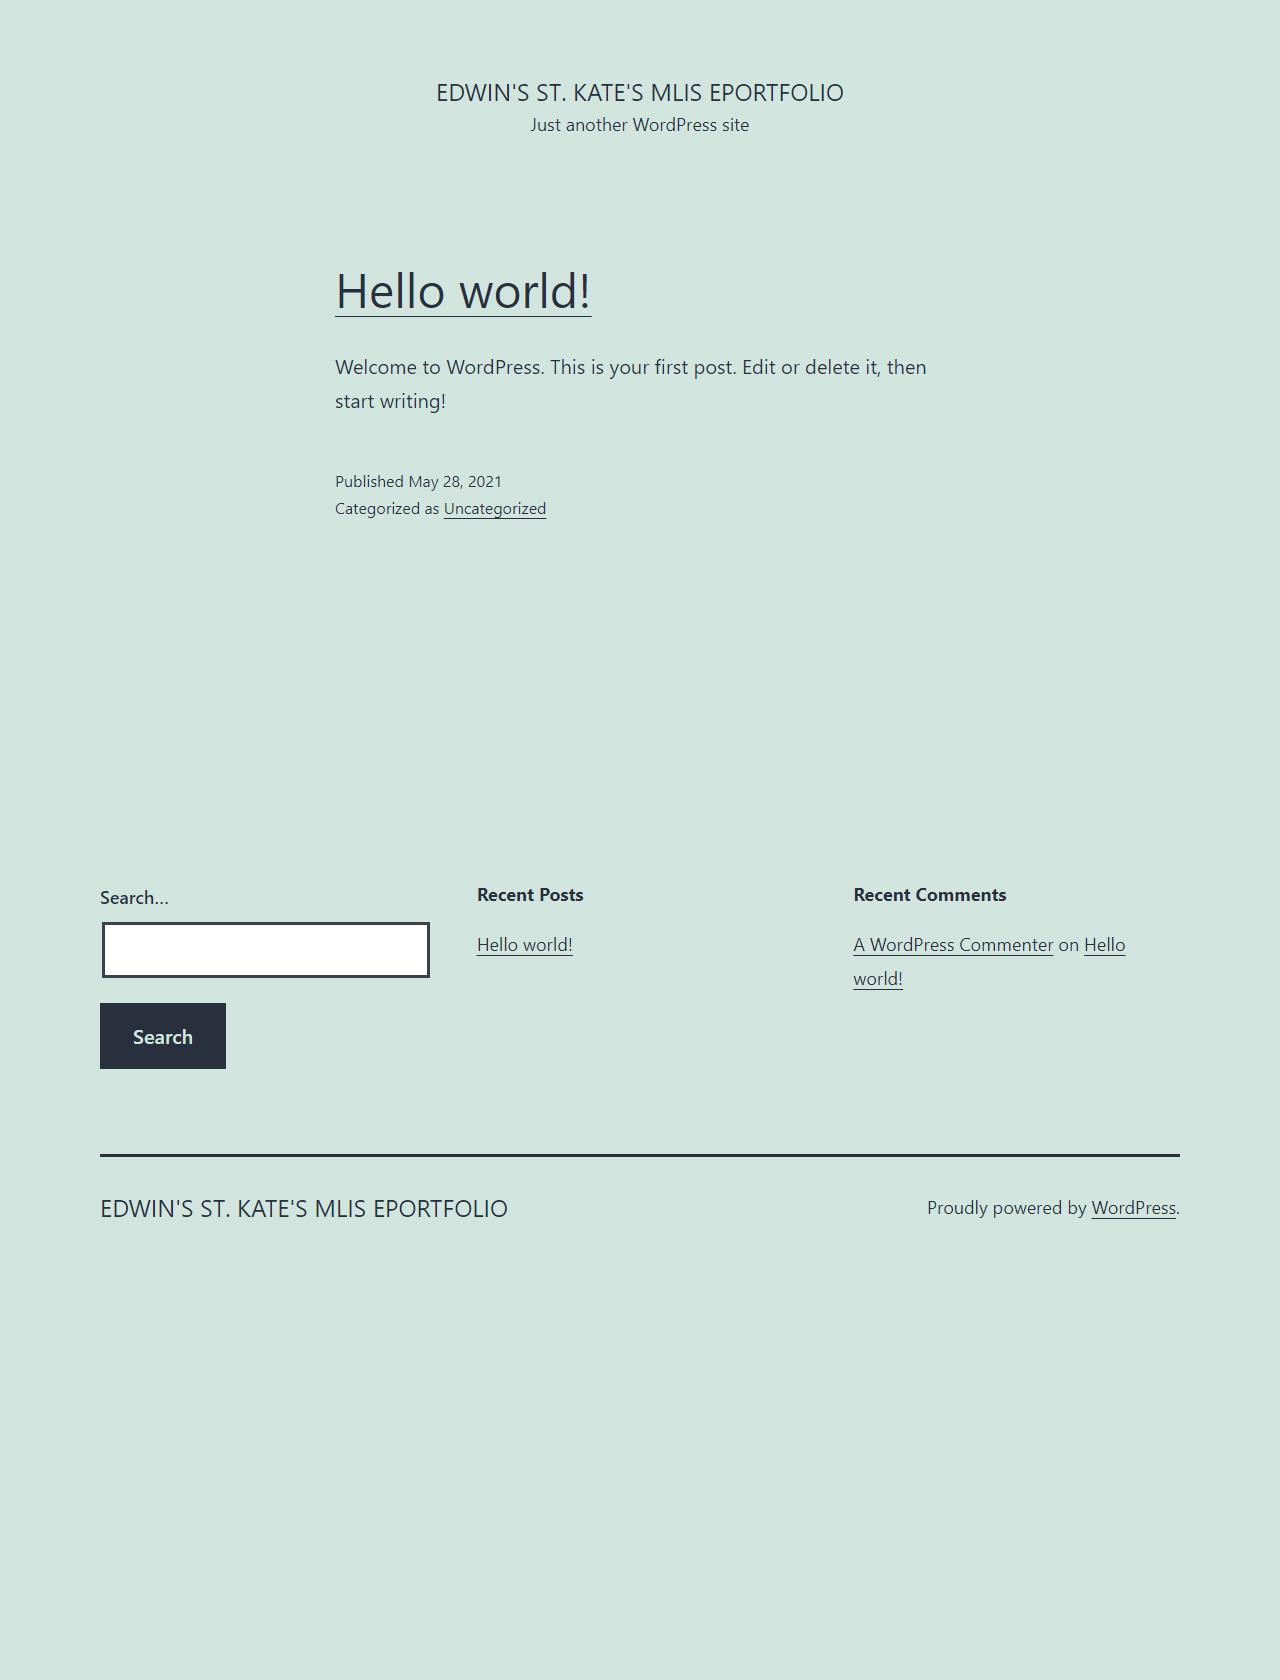 Screenshot Desktop - https://mlis.edwinschenk.com/